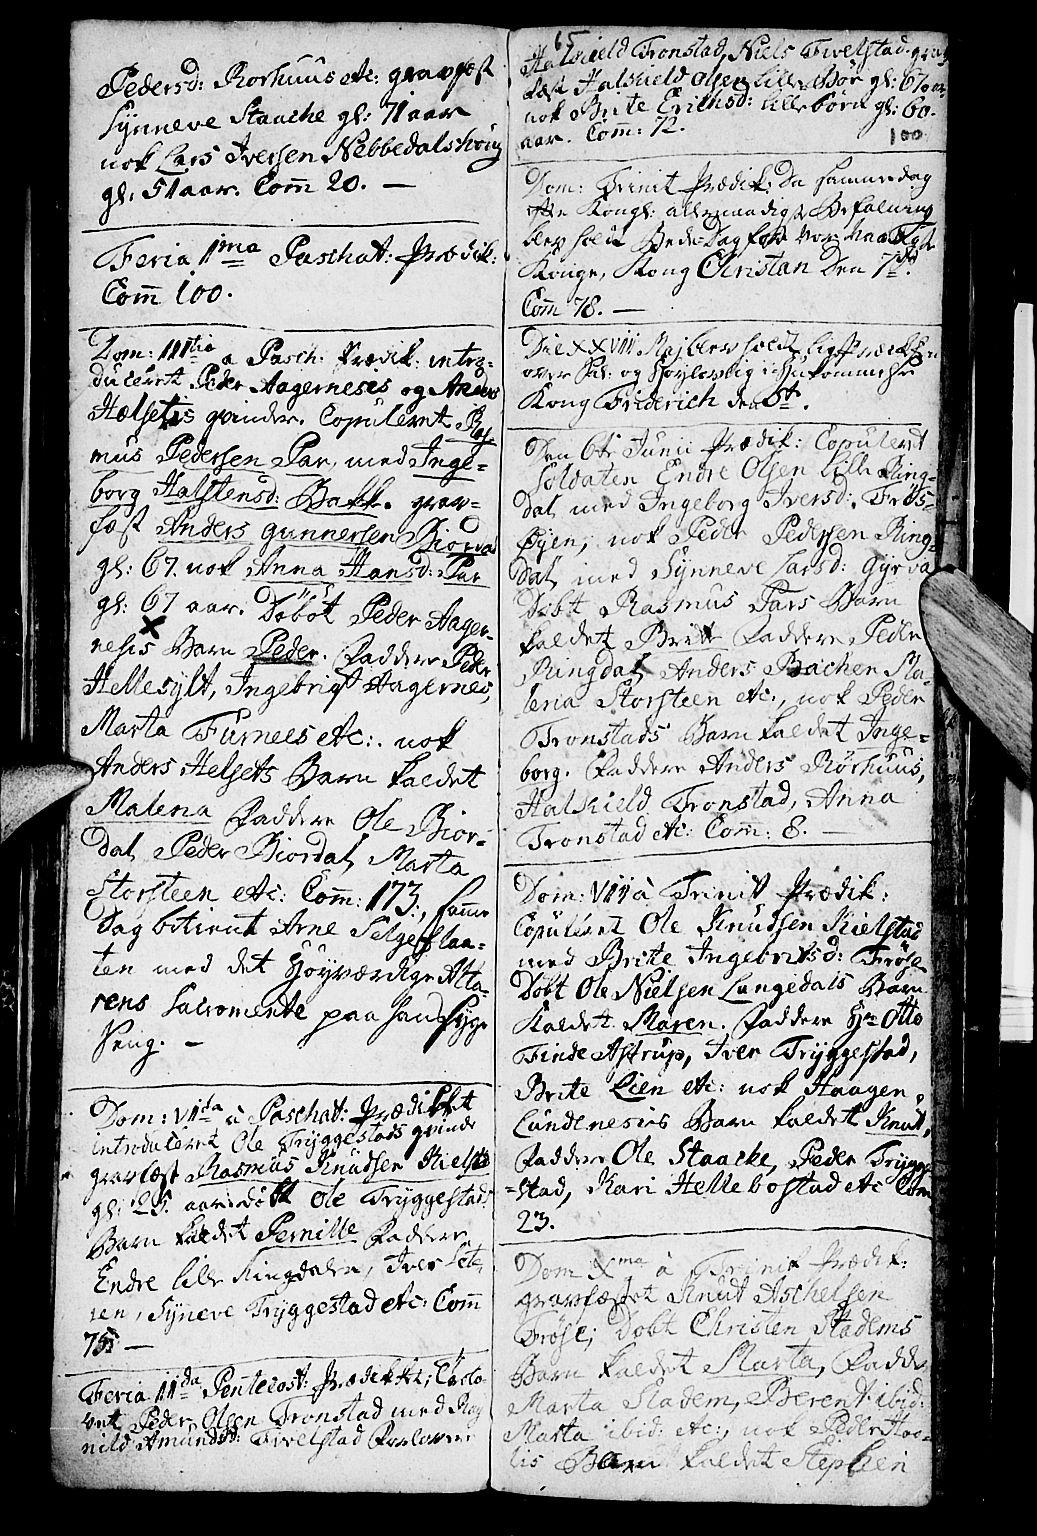 SAT, Ministerialprotokoller, klokkerbøker og fødselsregistre - Møre og Romsdal, 519/L0243: Ministerialbok nr. 519A02, 1760-1770, s. 99-100